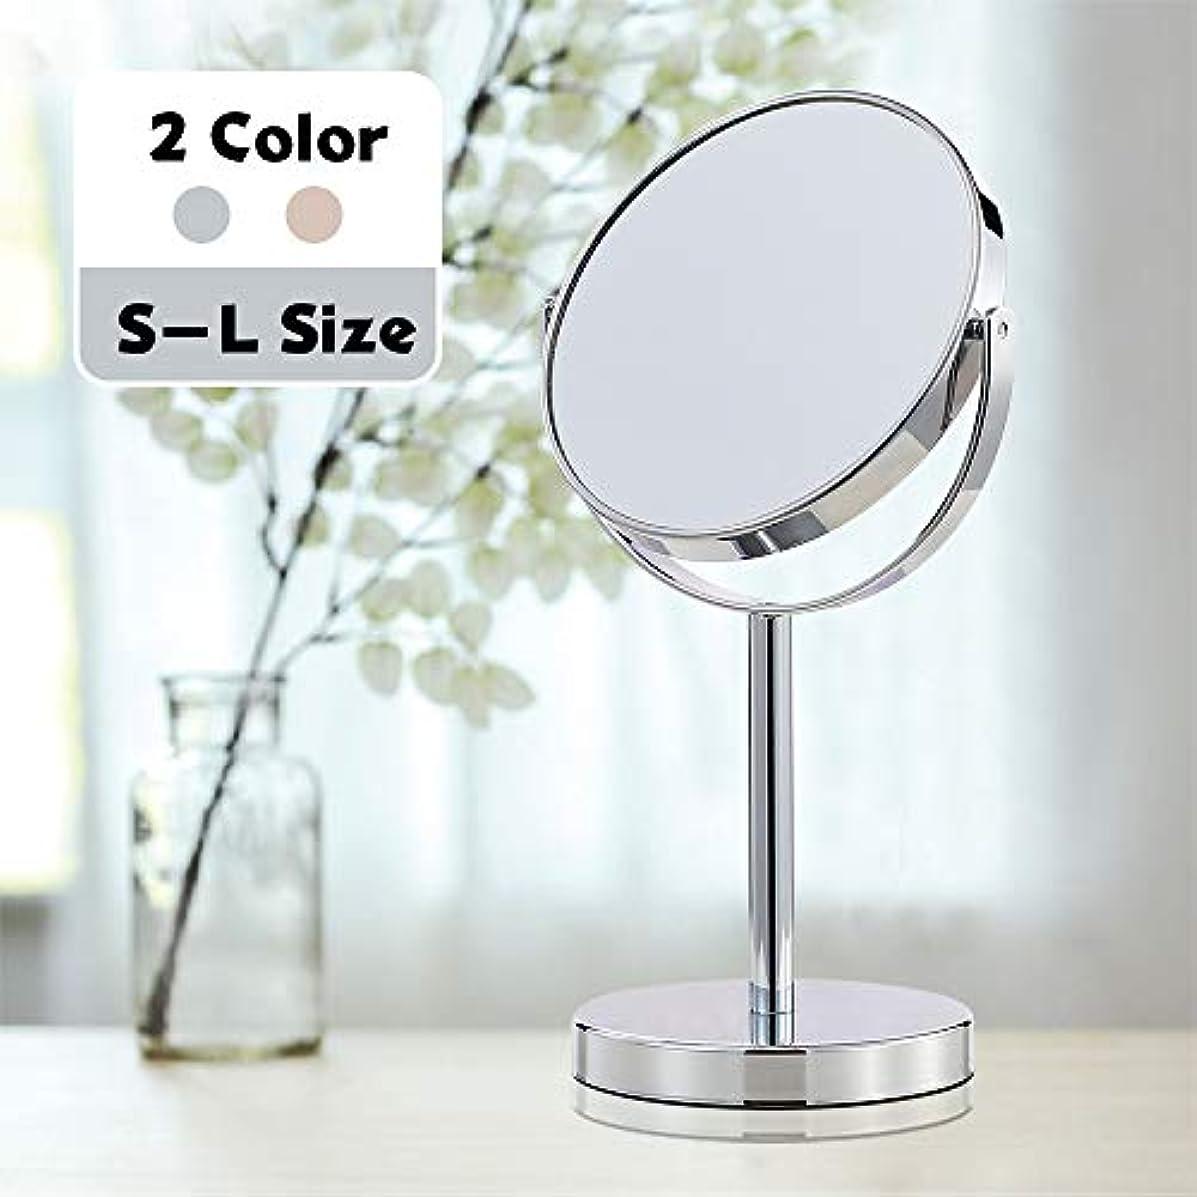 ライオネルグリーンストリートライドグリーンバック(セーディコ) Cerdeco シンプルデザイン 真実の両面鏡DX 5倍拡大鏡 360度回転 卓上鏡 スタンドミラー メイク 化粧道具 鏡面148mmΦ J622